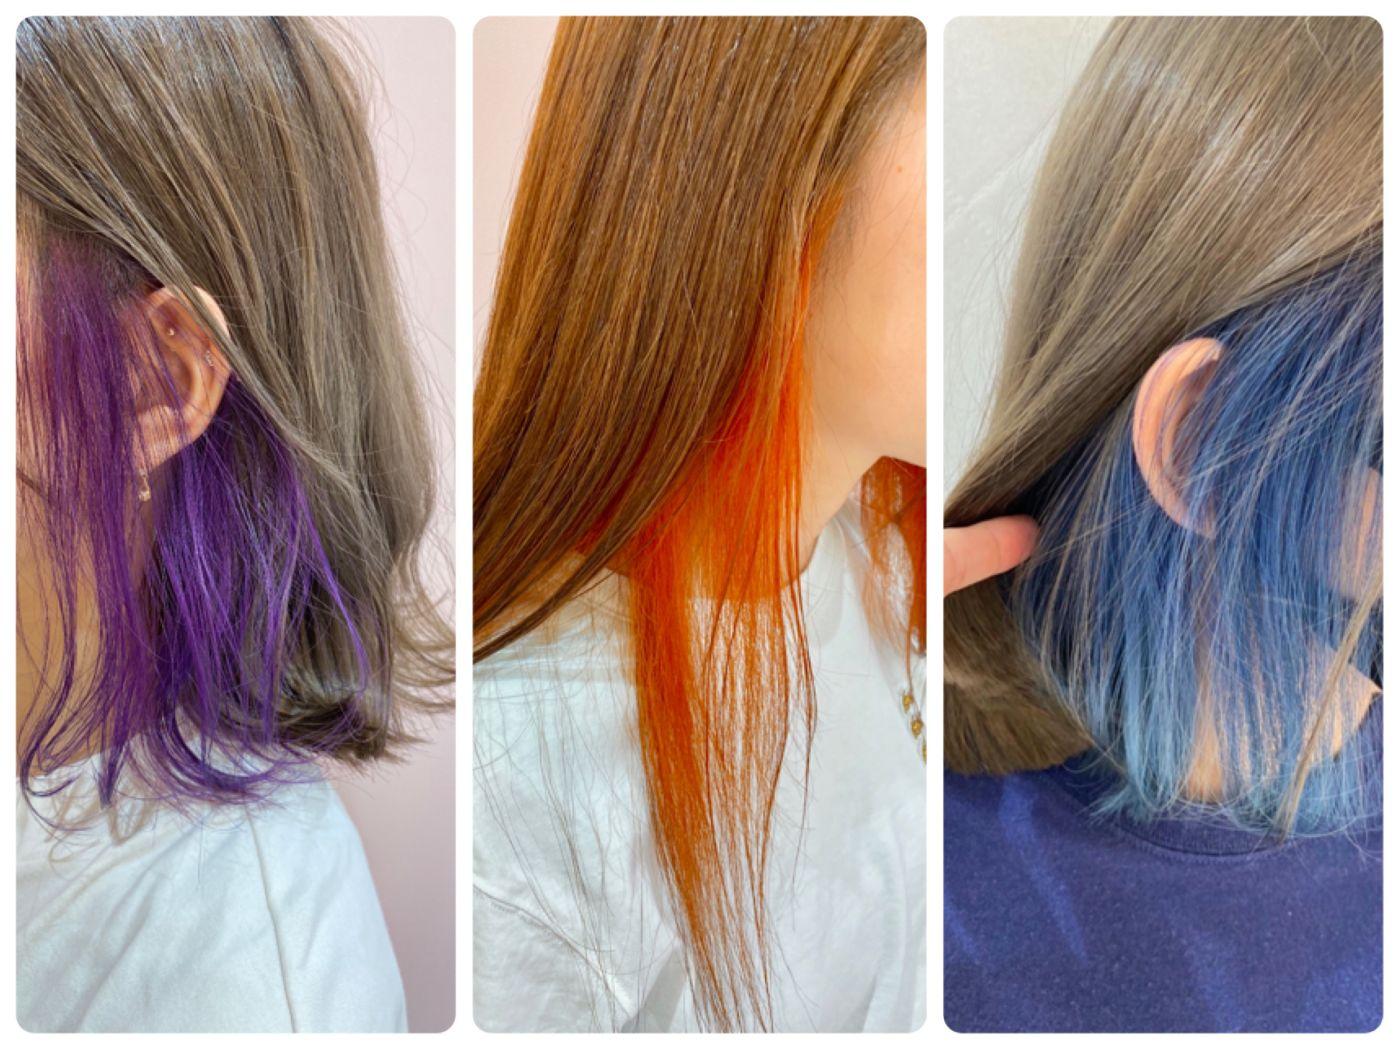 まずはお気に入りの色を探してみましょう!